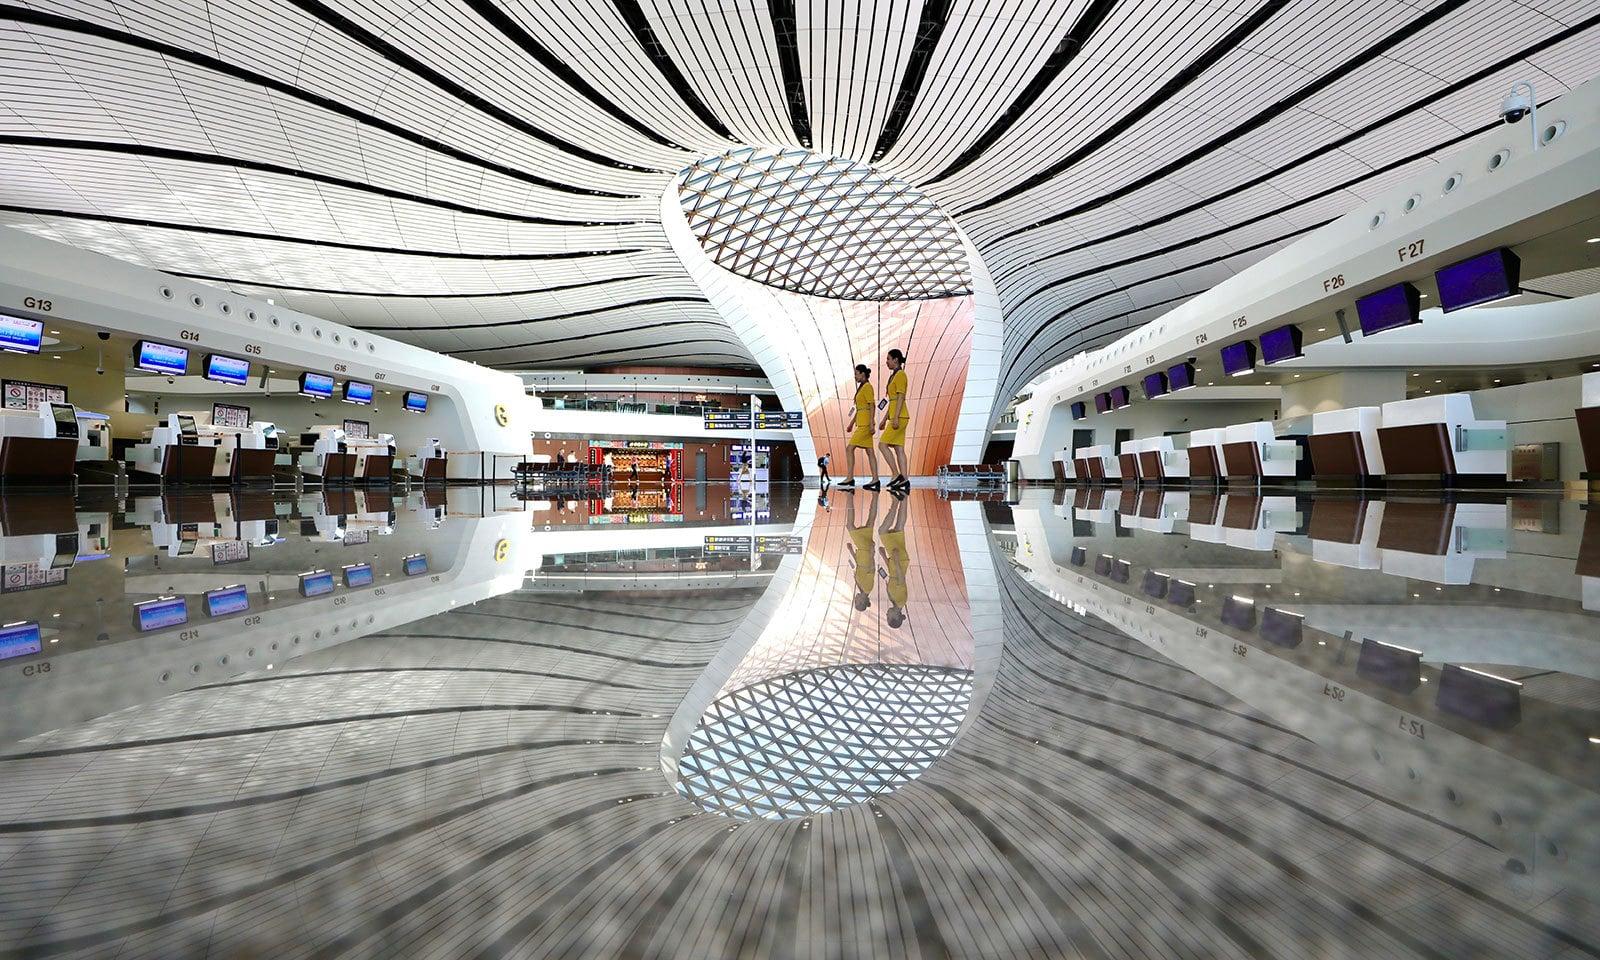 چین کا ایک اور تعمیراتی عجوبہ عوام کے لیے کھول دیا